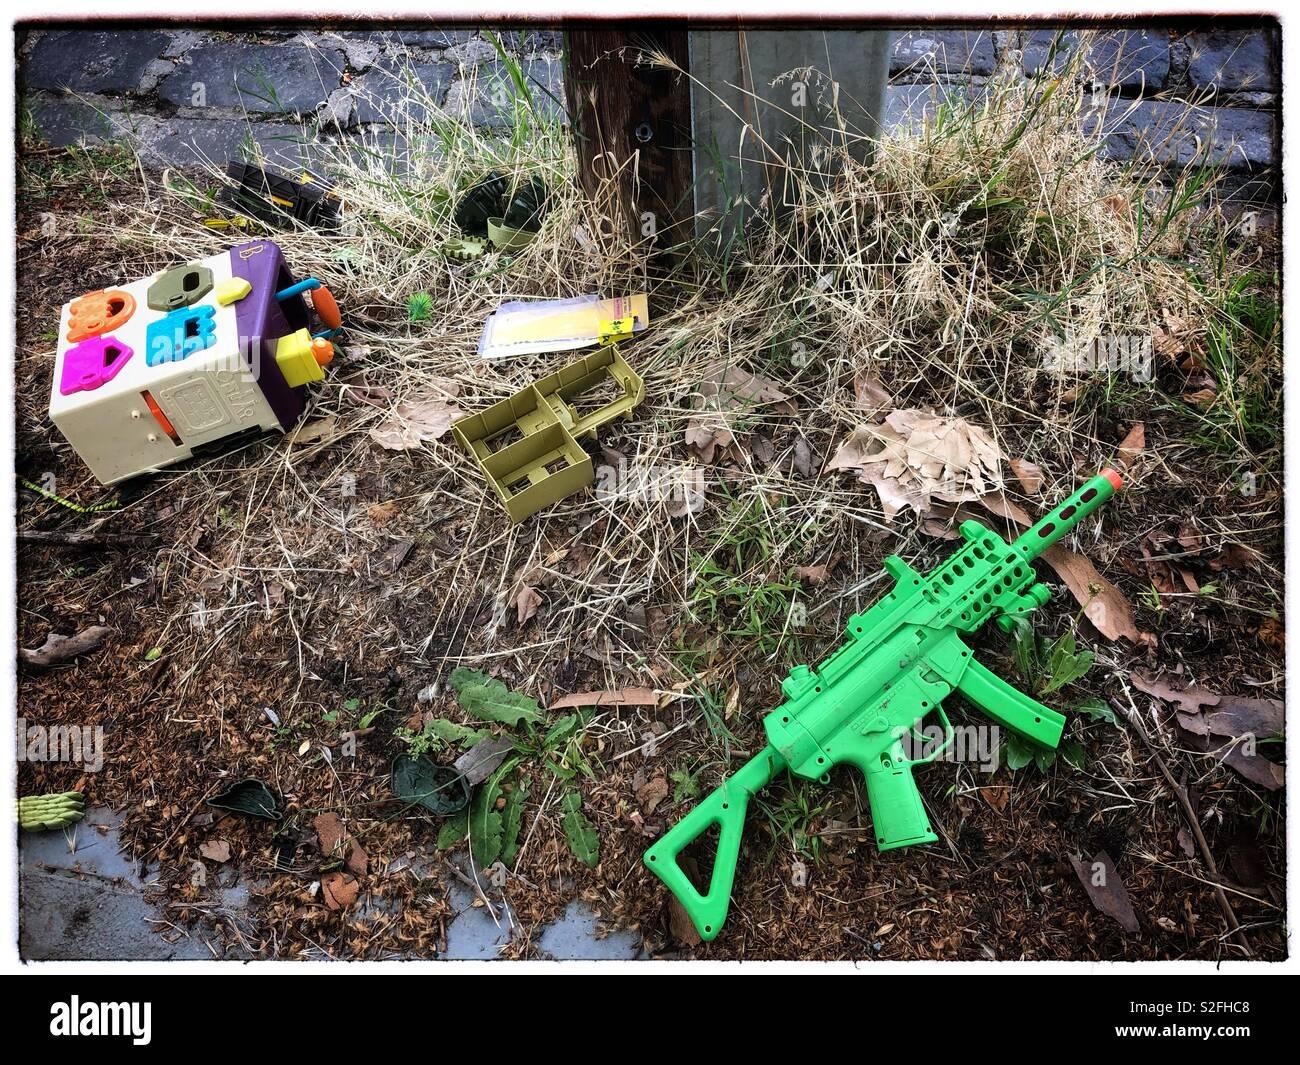 Toy gun - Stock Image